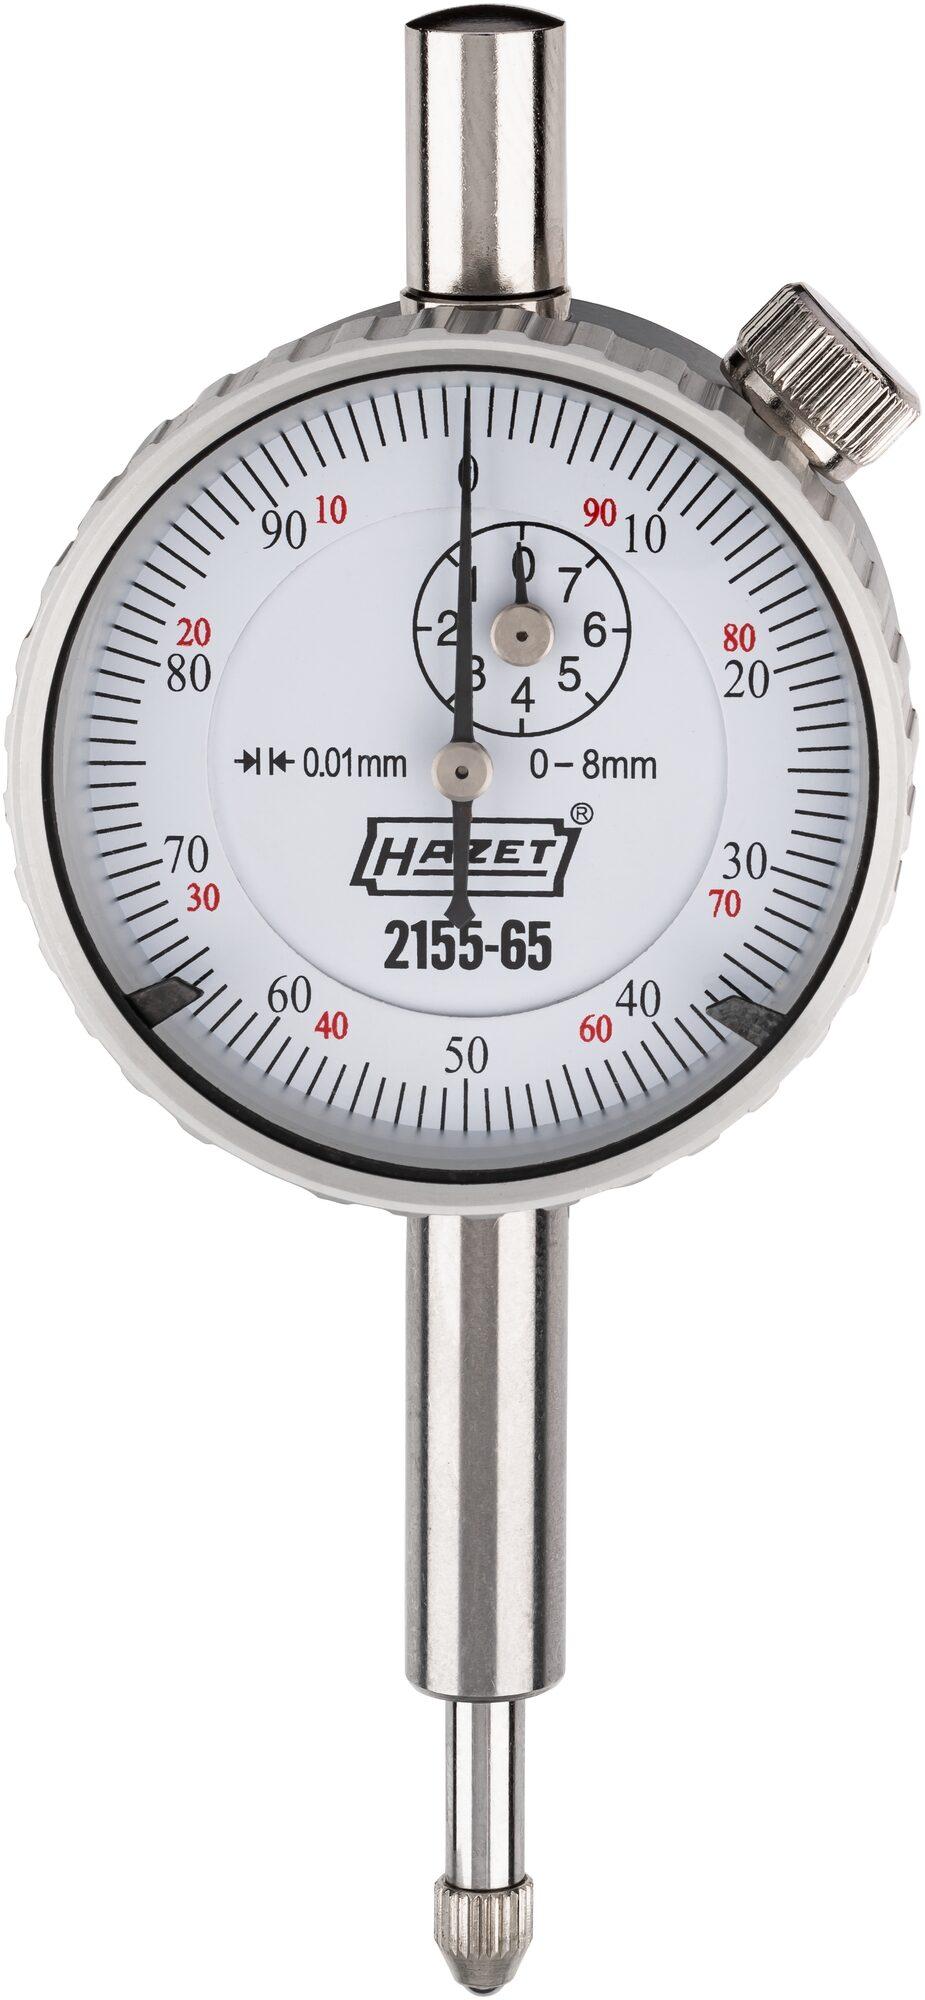 HAZET Kleinmessuhr 2155-65